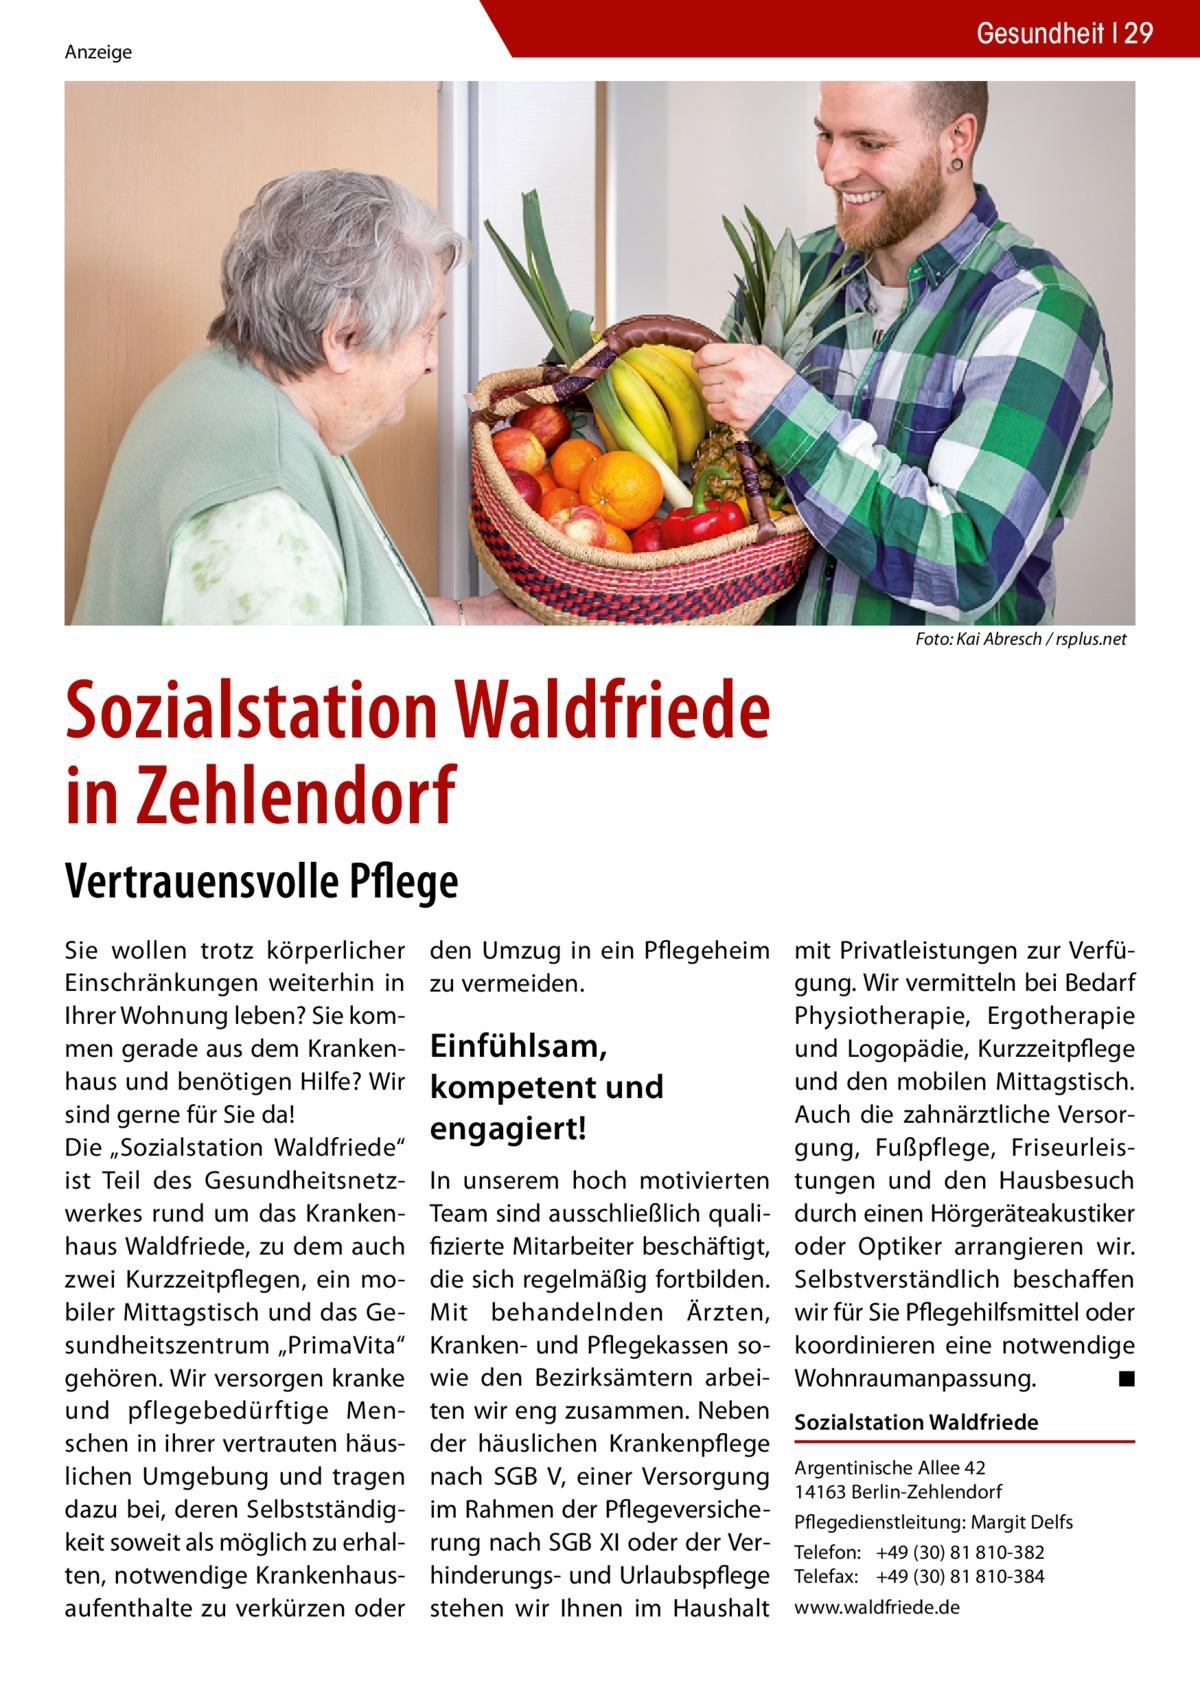 """Gesundheit 29  Anzeige  �  Foto: Kai Abresch / rsplus.net  Sozialstation Waldfriede in Zehlendorf Vertrauensvolle Pflege Sie wollen trotz körperlicher Einschränkungen weiterhin in Ihrer Wohnung leben? Sie kommen gerade aus dem Krankenhaus und benötigen Hilfe? Wir sind gerne für Sie da! Die """"Sozialstation Waldfriede"""" ist Teil des Gesundheitsnetzwerkes rund um das Krankenhaus Waldfriede, zu dem auch zwei Kurzzeitpflegen, ein mobiler Mittagstisch und das Gesundheitszentrum """"PrimaVita"""" gehören. Wir versorgen kranke und pflegebedürftige Menschen in ihrer vertrauten häuslichen Umgebung und tragen dazu bei, deren Selbstständigkeit soweit als möglich zu erhalten, notwendige Krankenhausaufenthalte zu verkürzen oder  den Umzug in ein Pflegeheim mit Privatleistungen zur Verfügung. Wir vermitteln bei Bedarf zu vermeiden. Physiotherapie, Ergotherapie Einfühlsam, und Logopädie, Kurzzeitpflege und den mobilen Mittagstisch. kompetent und Auch die zahnärztliche Versorengagiert! gung, Fußpflege, FriseurleisIn unserem hoch motivierten tungen und den Hausbesuch Team sind ausschließlich quali- durch einen Hörgeräteakustiker fizierte Mitarbeiter beschäftigt, oder Optiker arrangieren wir. die sich regelmäßig fortbilden. Selbstverständlich beschaffen Mit behandelnden Ärzten, wir für Sie Pflegehilfsmittel oder Kranken- und Pflegekassen so- koordinieren eine notwendige wie den Bezirksämtern arbei- Wohnraumanpassung. � ◾ ten wir eng zusammen. Neben Sozialstation Waldfriede der häuslichen Krankenpflege nach SGB V, einer Versorgung Argentinische Allee 42 14163 Berlin-Zehlendorf im Rahmen der Pflegeversiche- Pflegedienstleitung: Margit Delfs rung nach SGB XI oder der Ver- Telefon: +49 (30) 81 810-382 hinderungs- und Urlaubspflege Telefax: +49 (30) 81 810-384 stehen wir Ihnen im Haushalt www.waldfriede.de"""